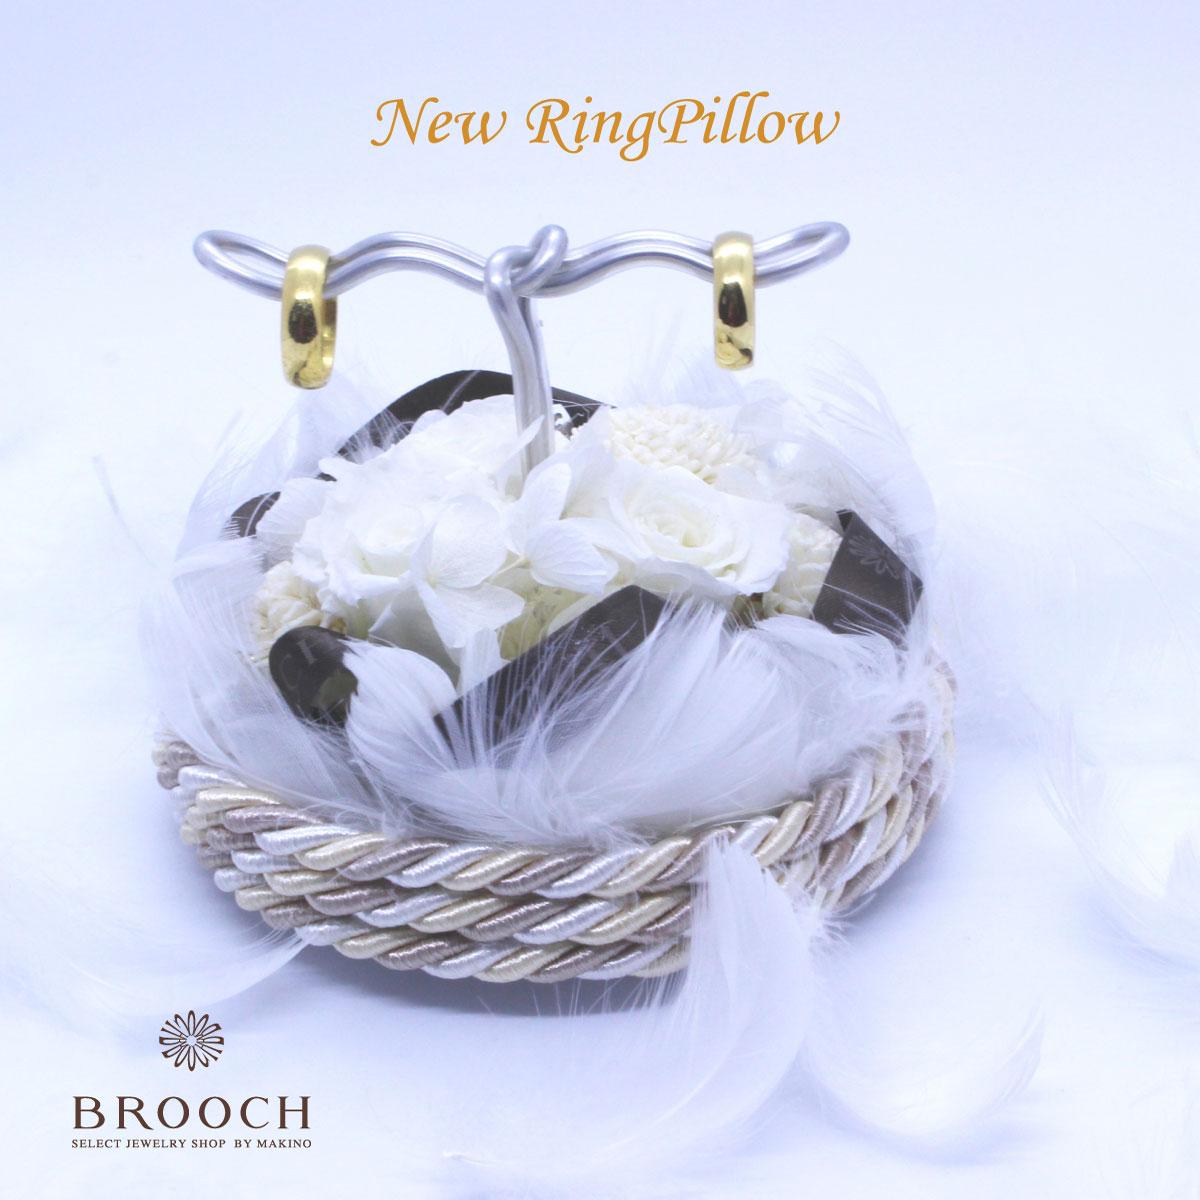 リングピロー 完成品 完全オリジナル フラワーアレンジメント 洋風リングピロー 新作通販 いつでも送料無料 BROOCHオリジナル 幸せの巣